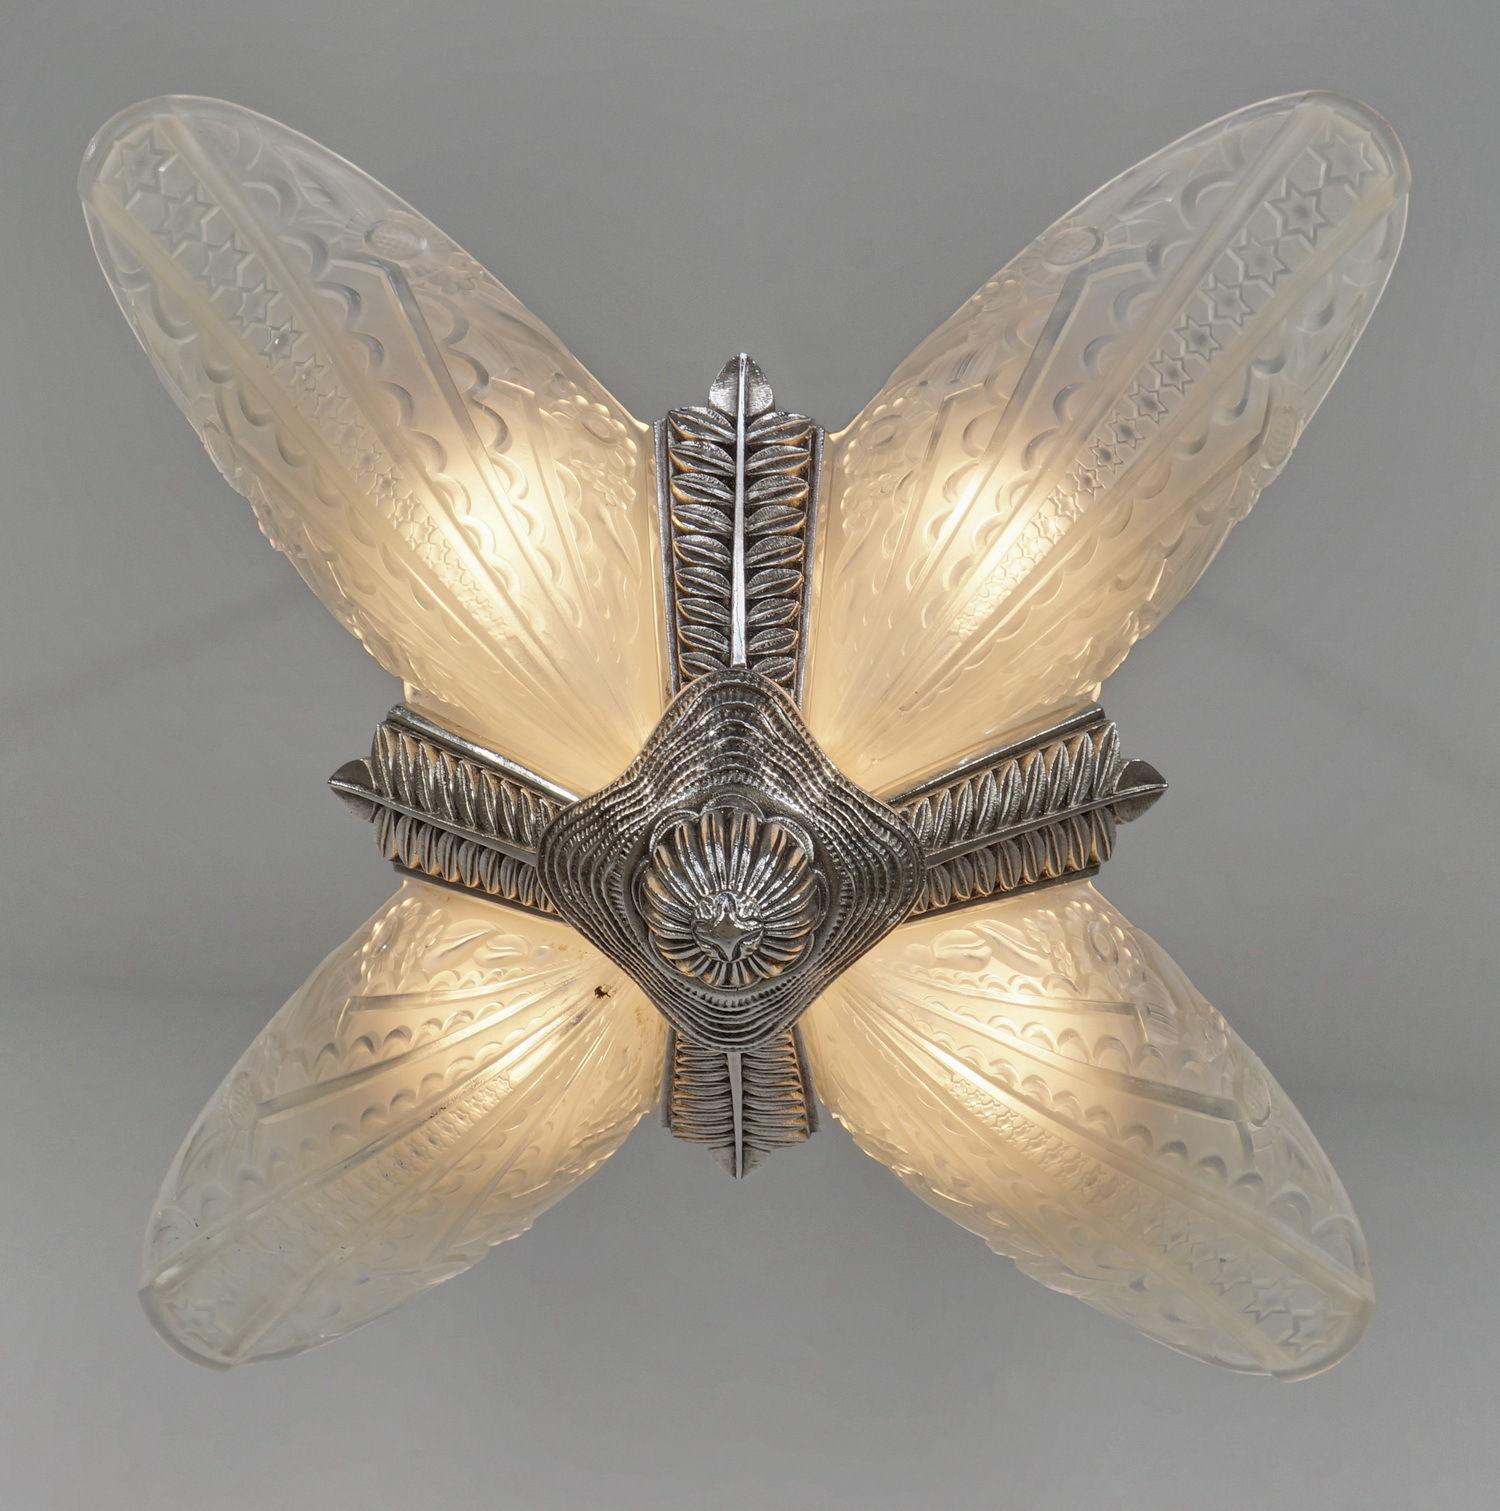 ドンナ(DONNA)アンティーク照明花柄のペンダントシャンデリア